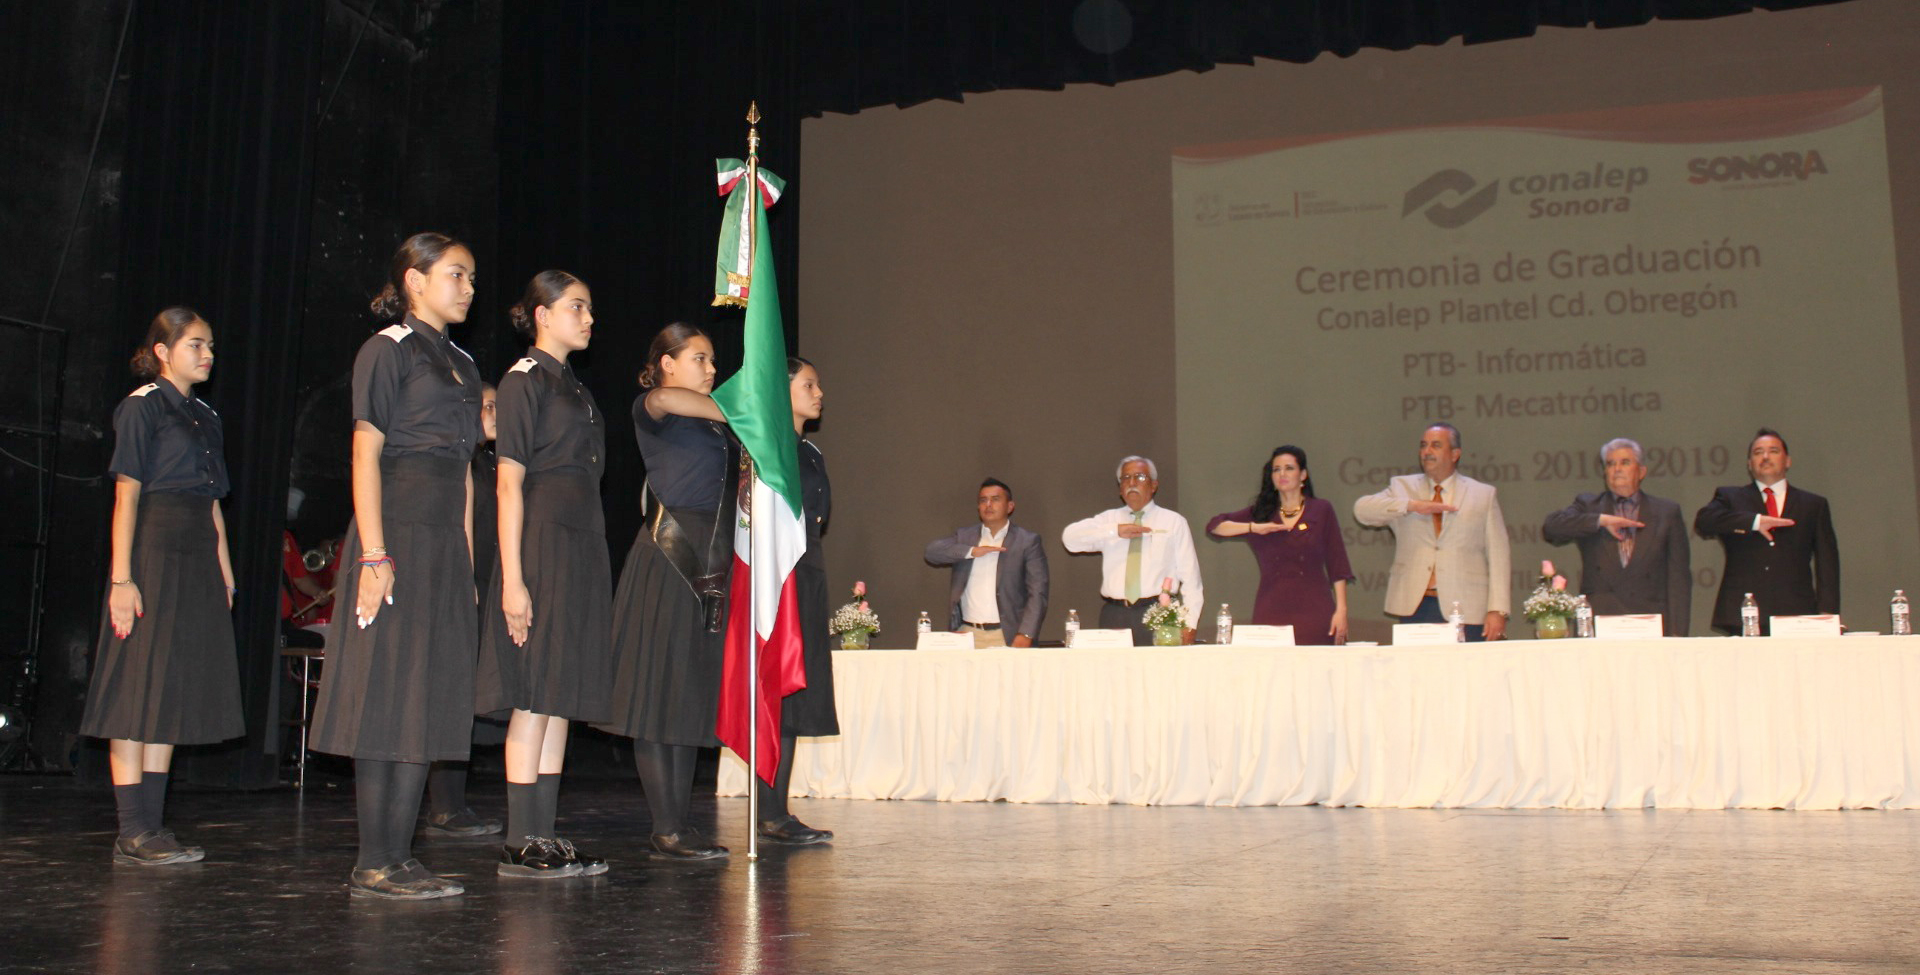 Graduación de carreras de PTB Informática y Mecatrónica Generación 2016-2019